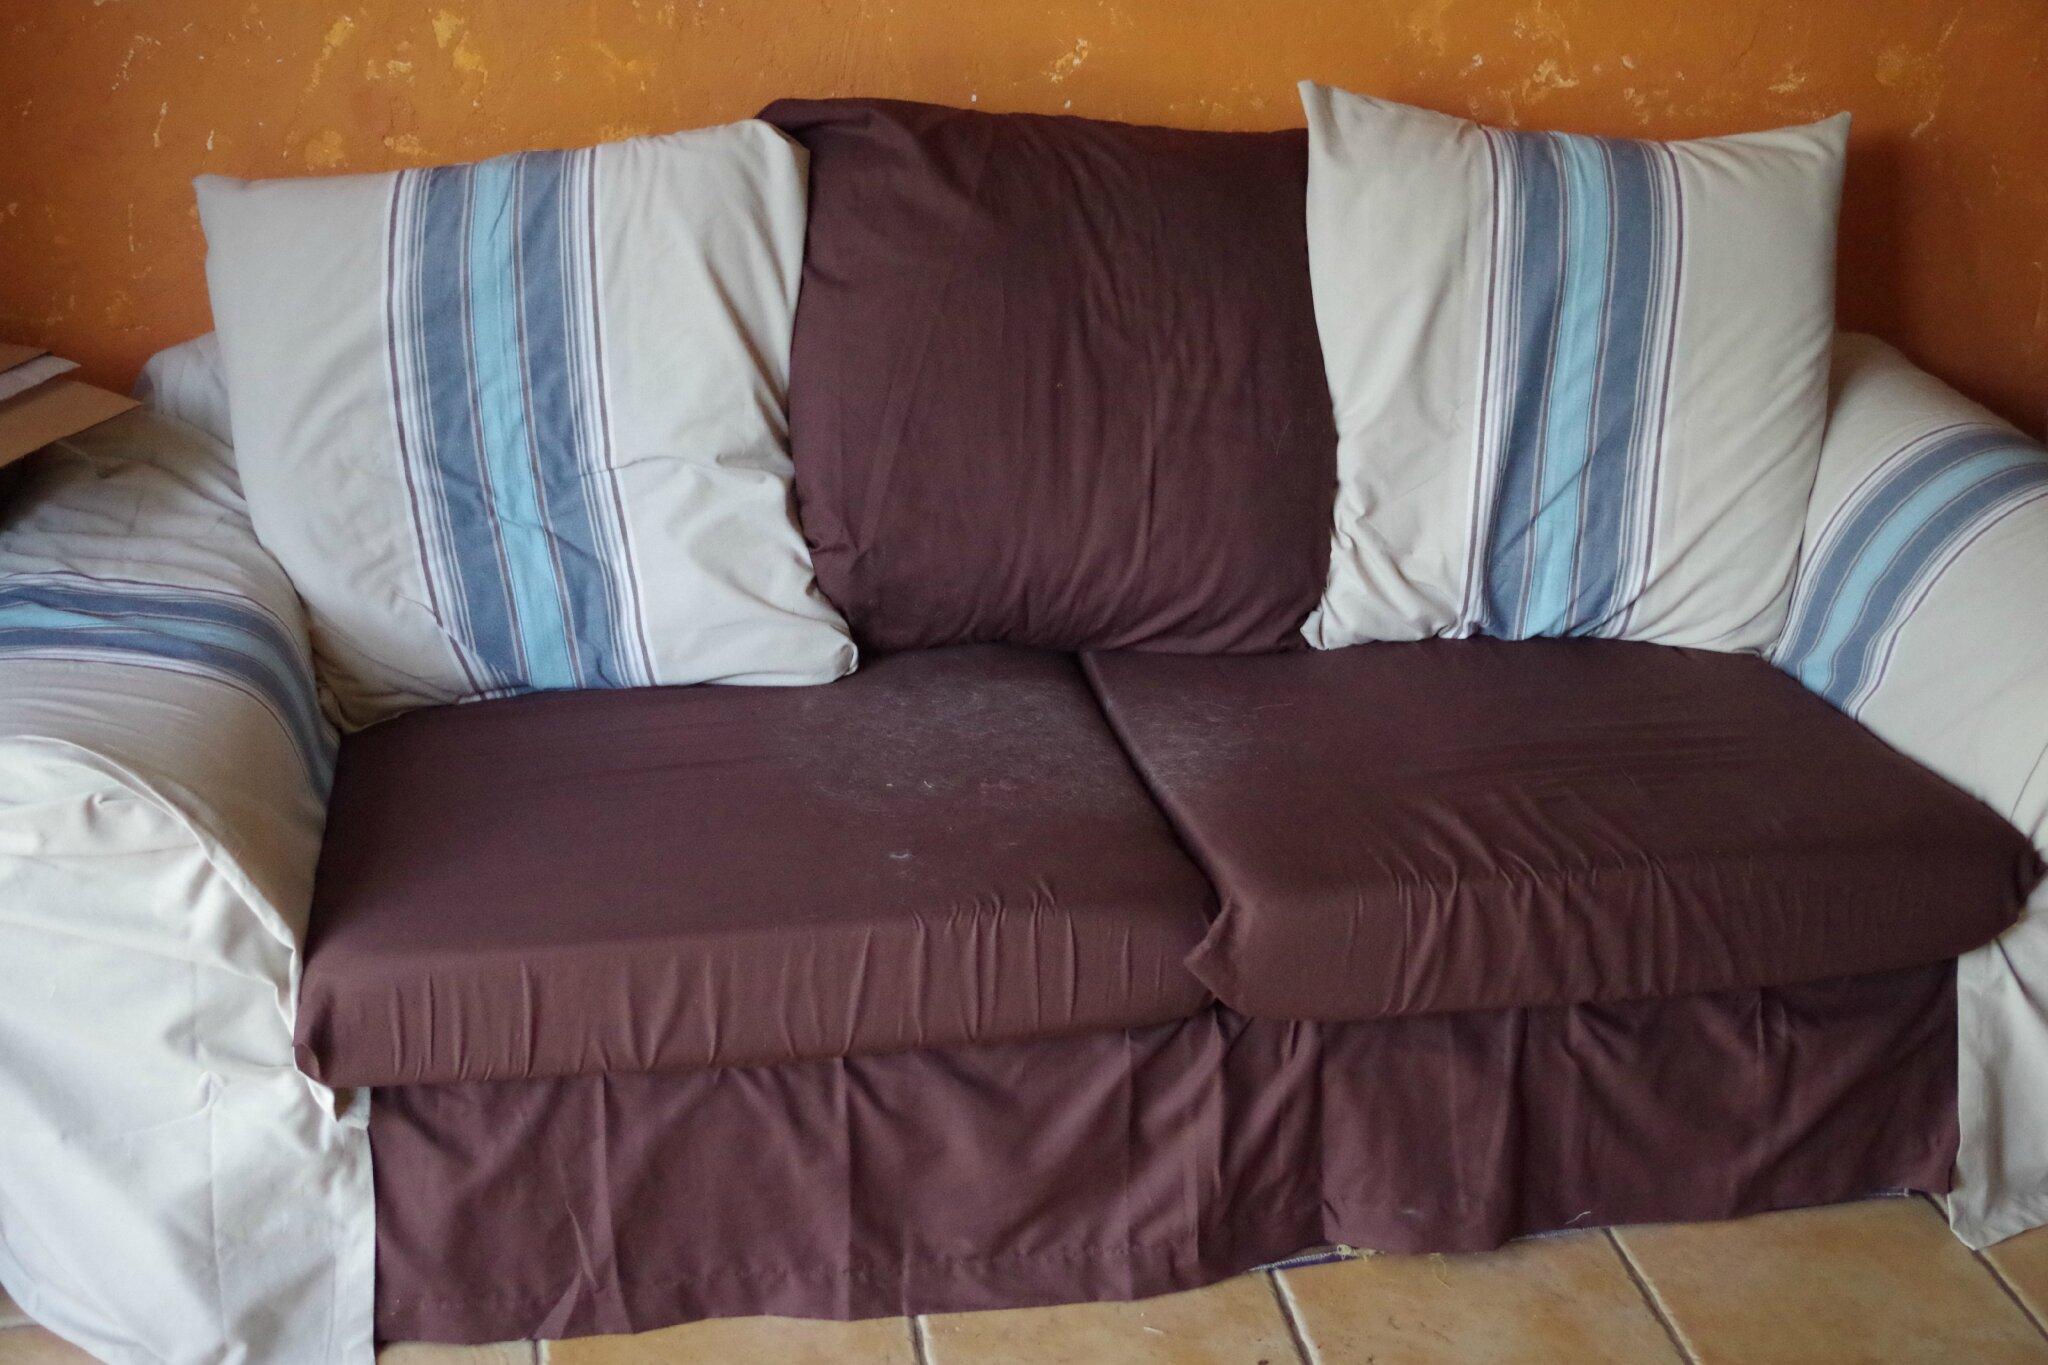 Housse de canap kouchka cr e - Housse de coussin de canape ...